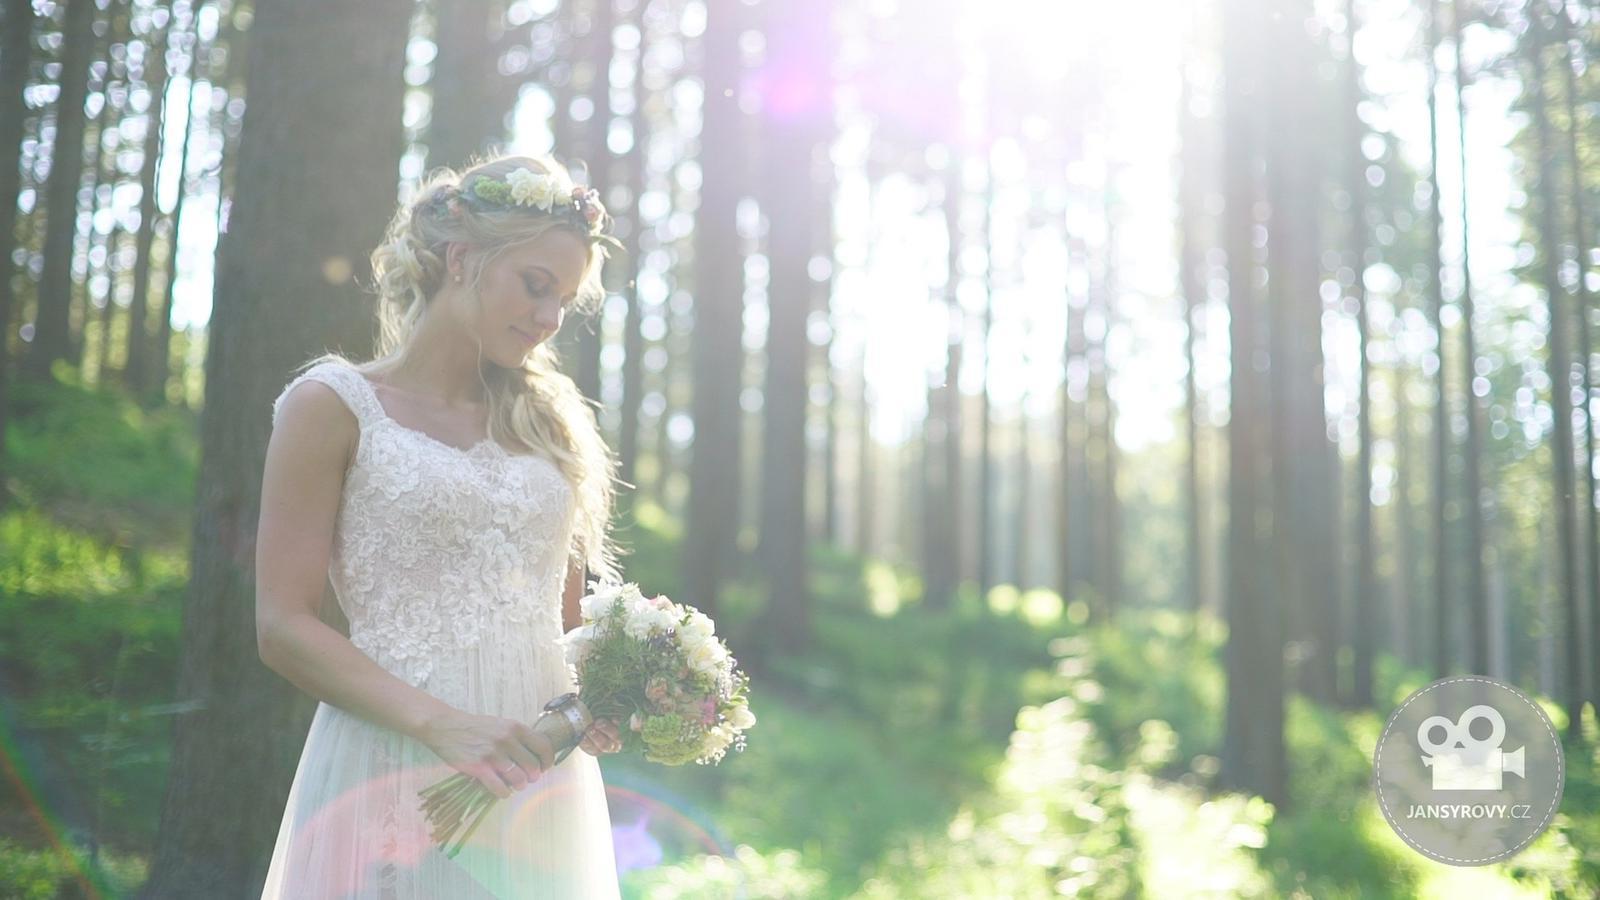 jansyrovy - Nádherná nevěsta Romana.